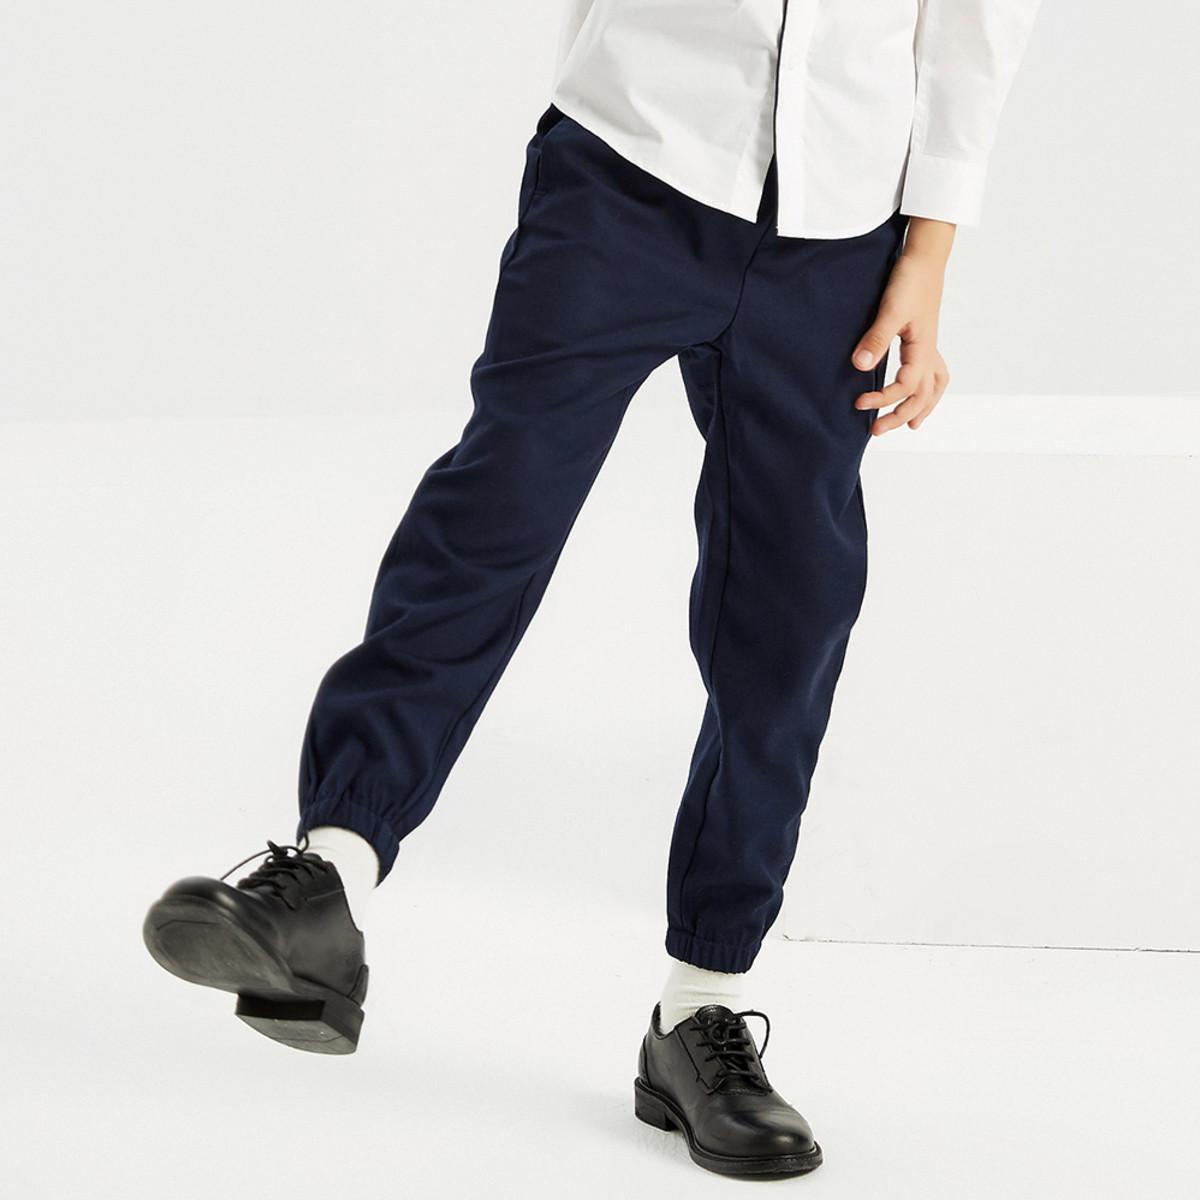 MECITY KIDS米喜迪mecity童装秋装新款男童西裤式梭织长裤50235890